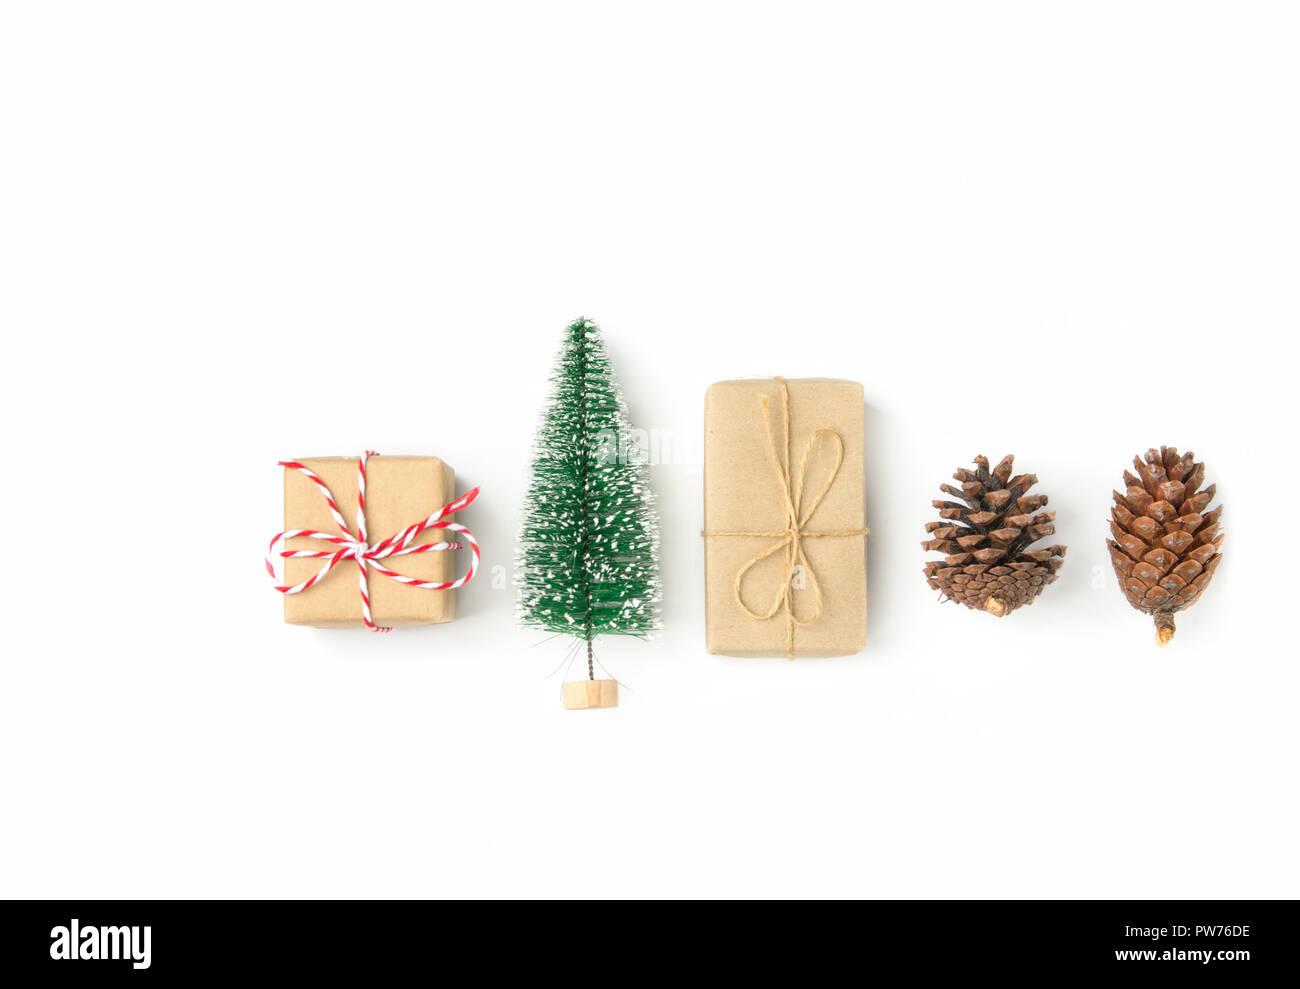 Geschenkboxen in Handwerk Papier Weihnachtsbaum gewickelt Tannenzapfen in Reihe auf festen, weißen Hintergrund angeordnet. Knolling flach. Neue Jahr präsentiert Urlaub pr Stockfoto